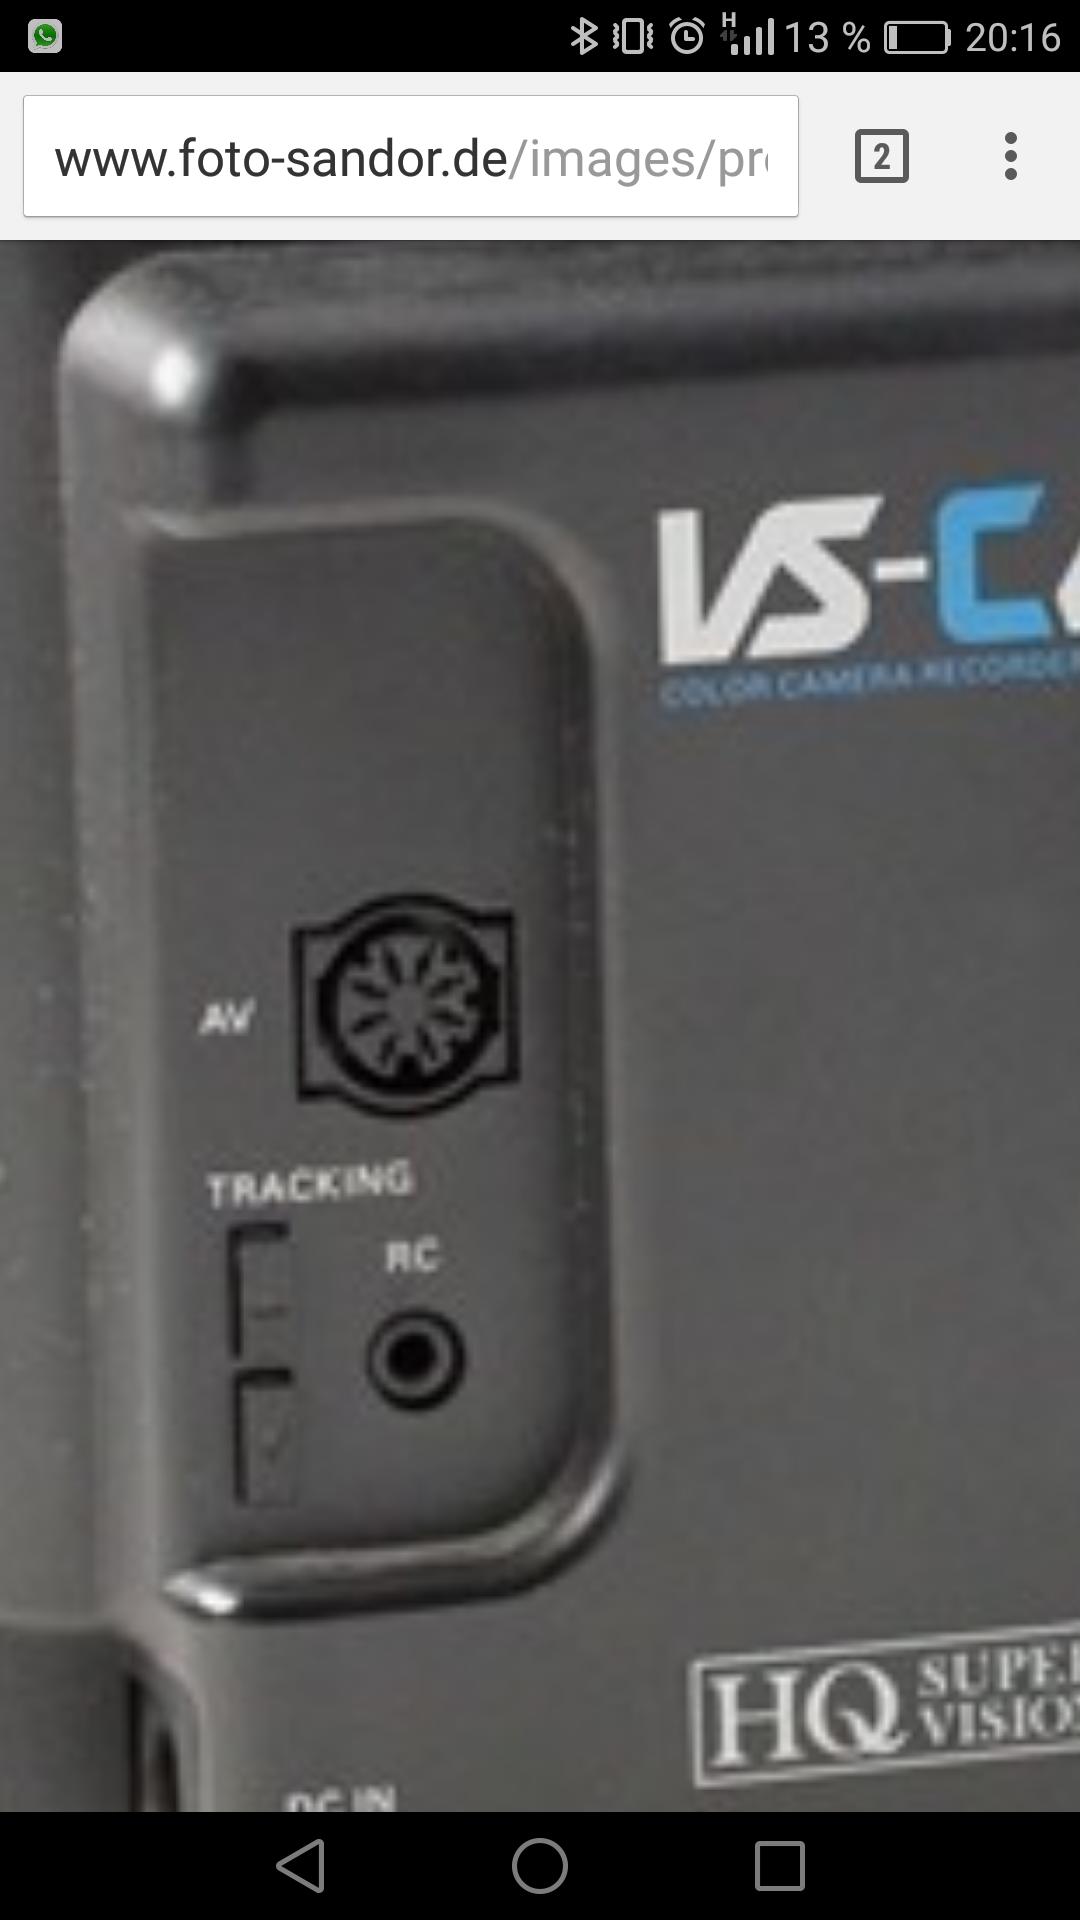 Av Anschluss Grundig VS C40 | anschluss, av, grundig, hifiklassiker ...